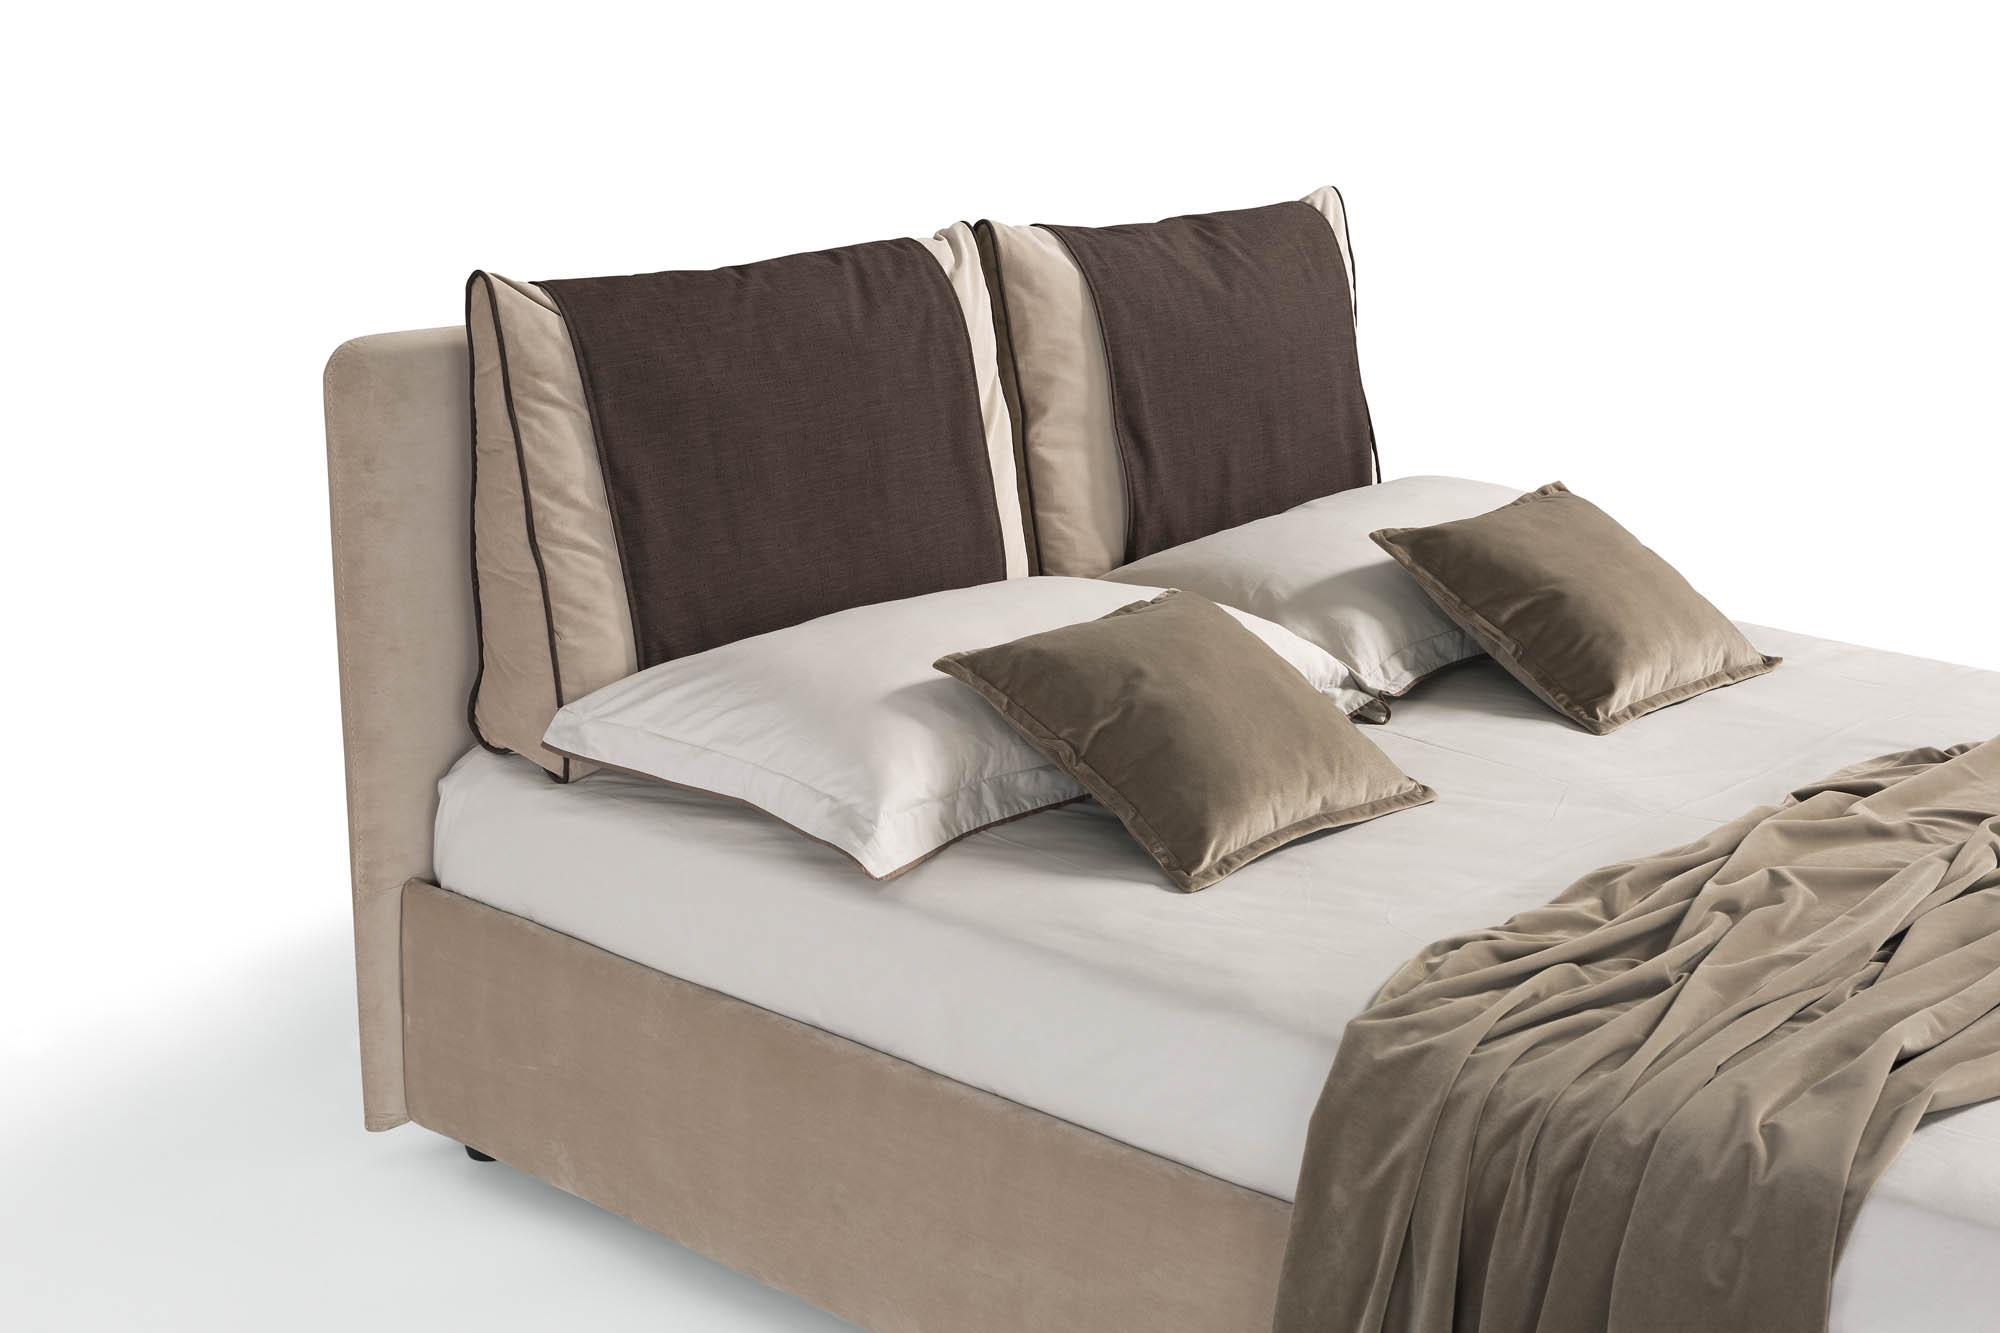 Cuscini Grandi Per Letto.0024 Rialto Novaluna Beds Letti Made In Italy Genuine